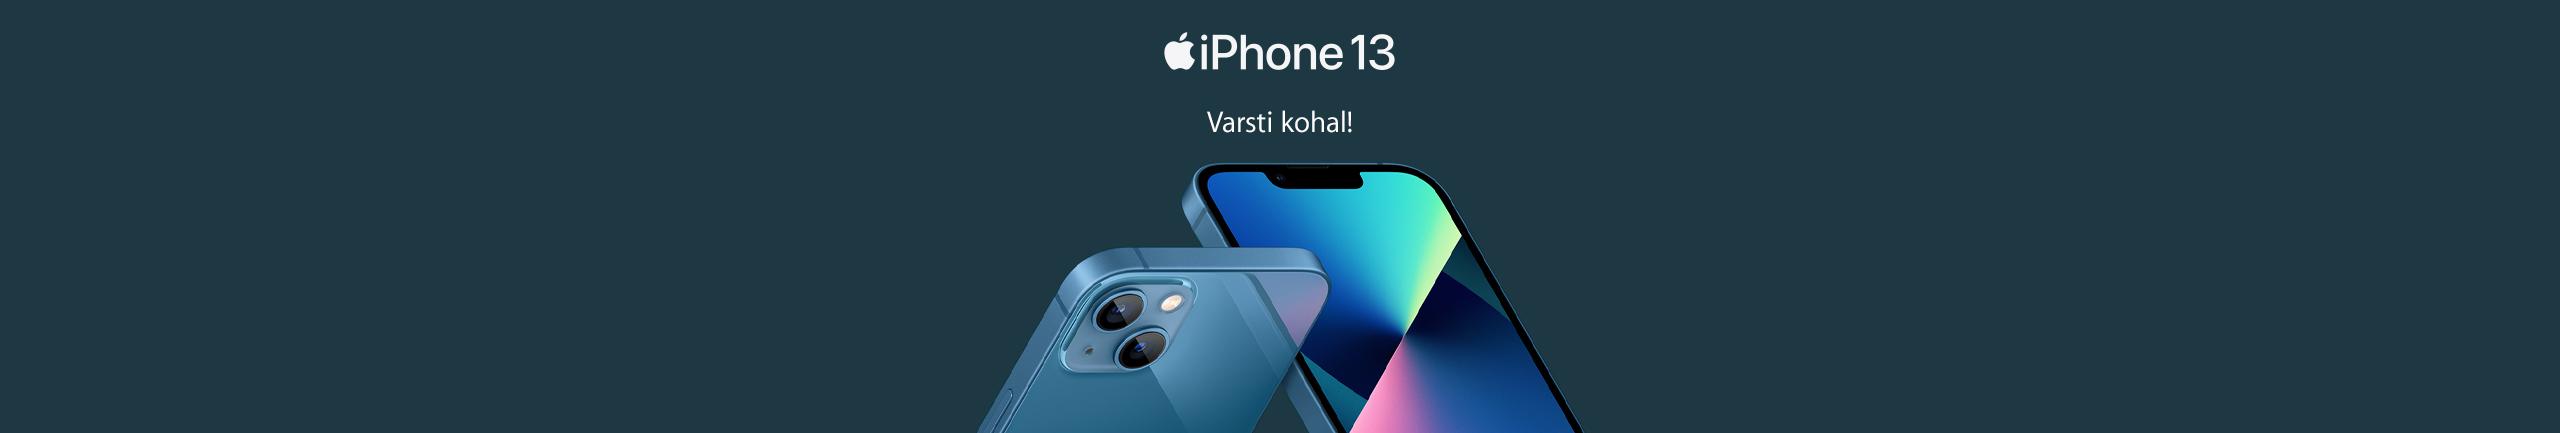 FPL Apple iPhone 13 ja iPhone 13 mini varsti kohal